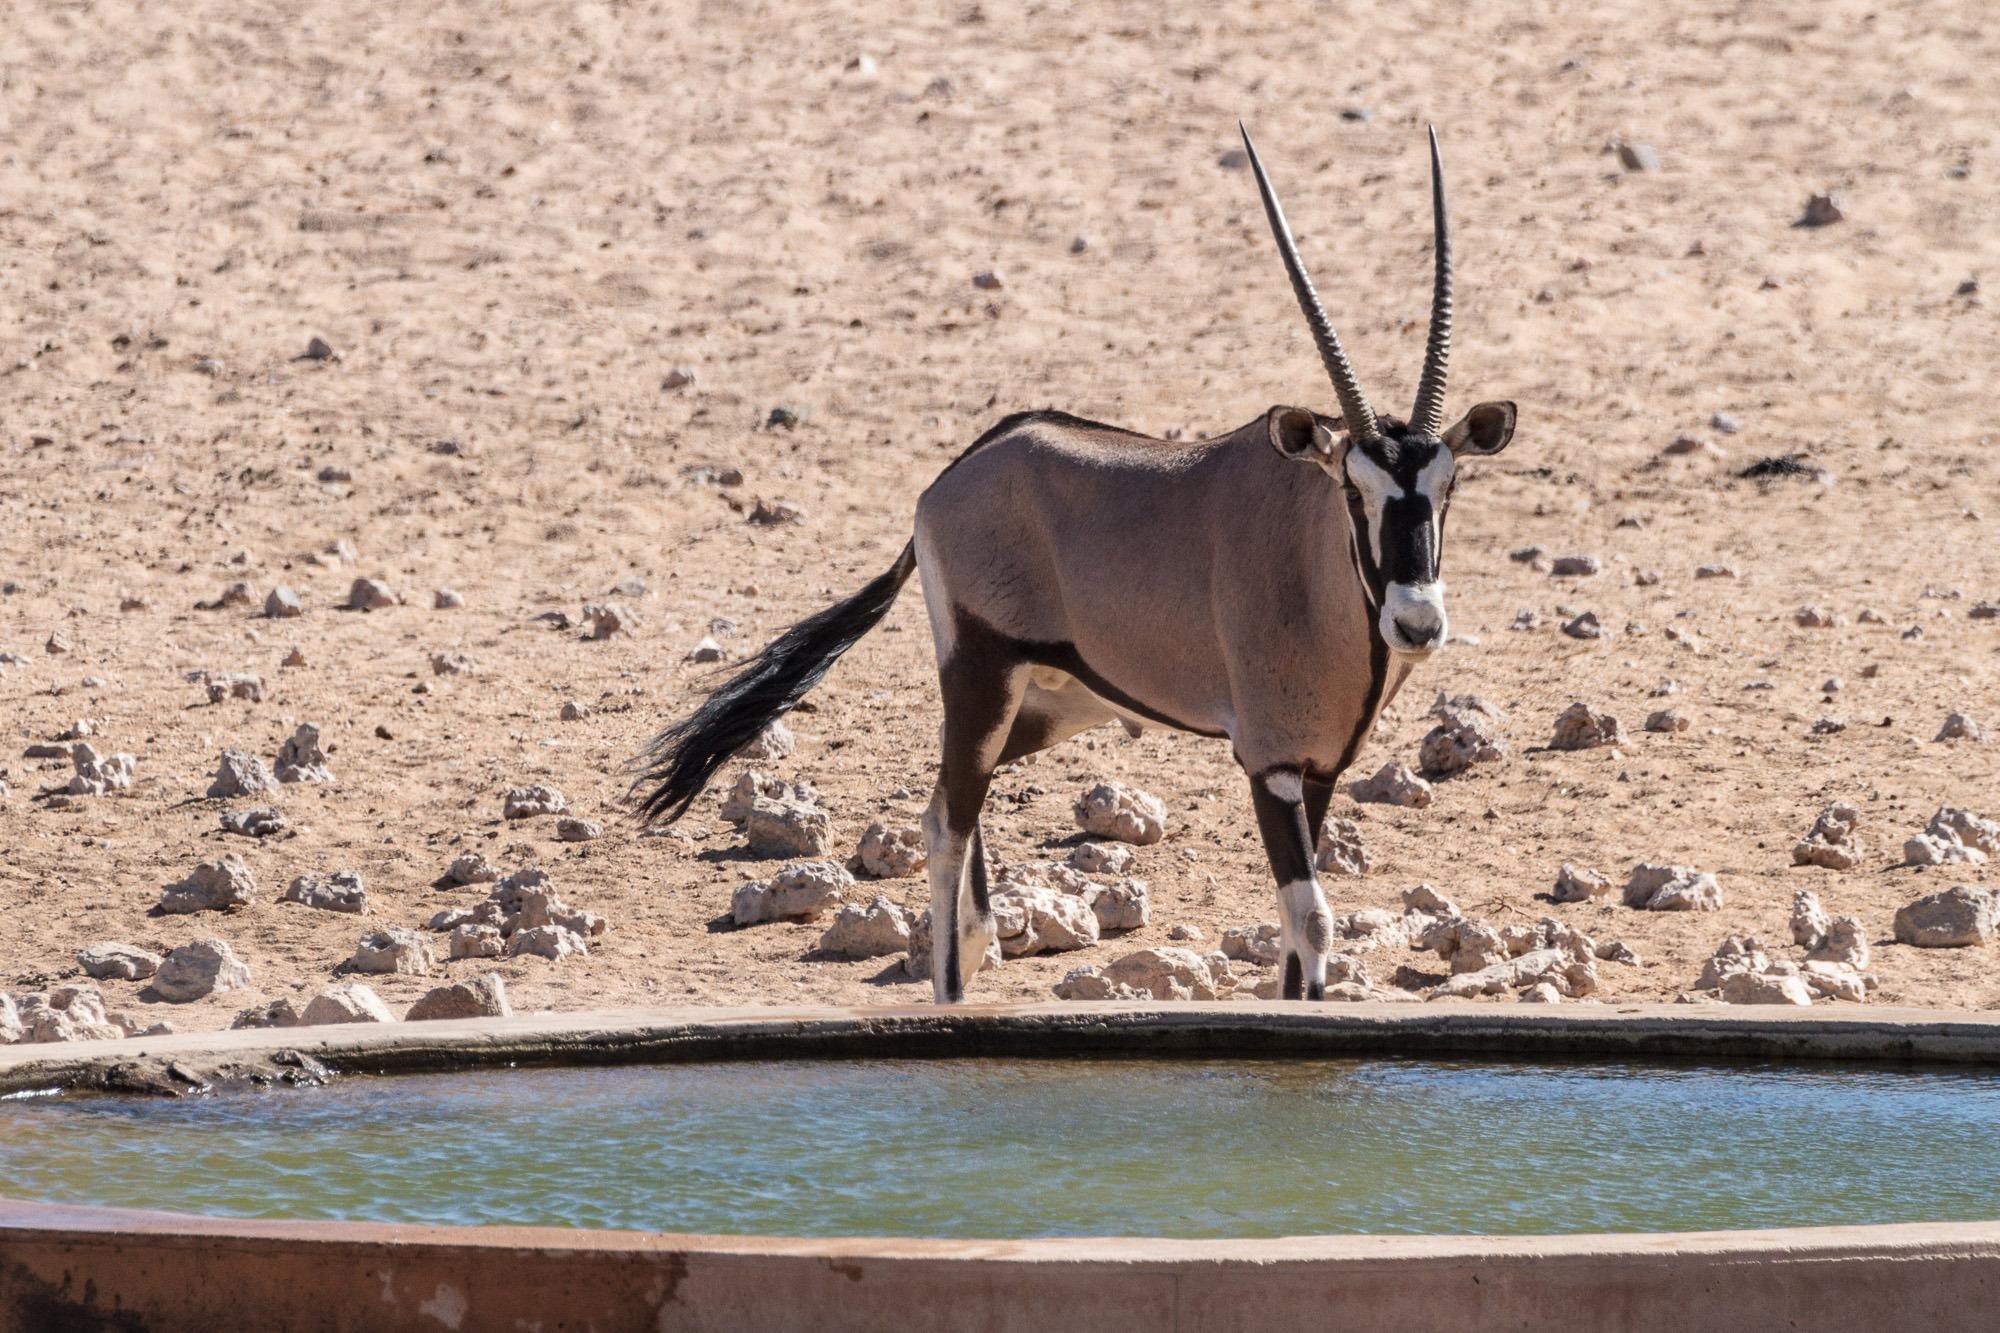 Oryx am Wasserloch in Garub in der Namib Wüste in Namibia